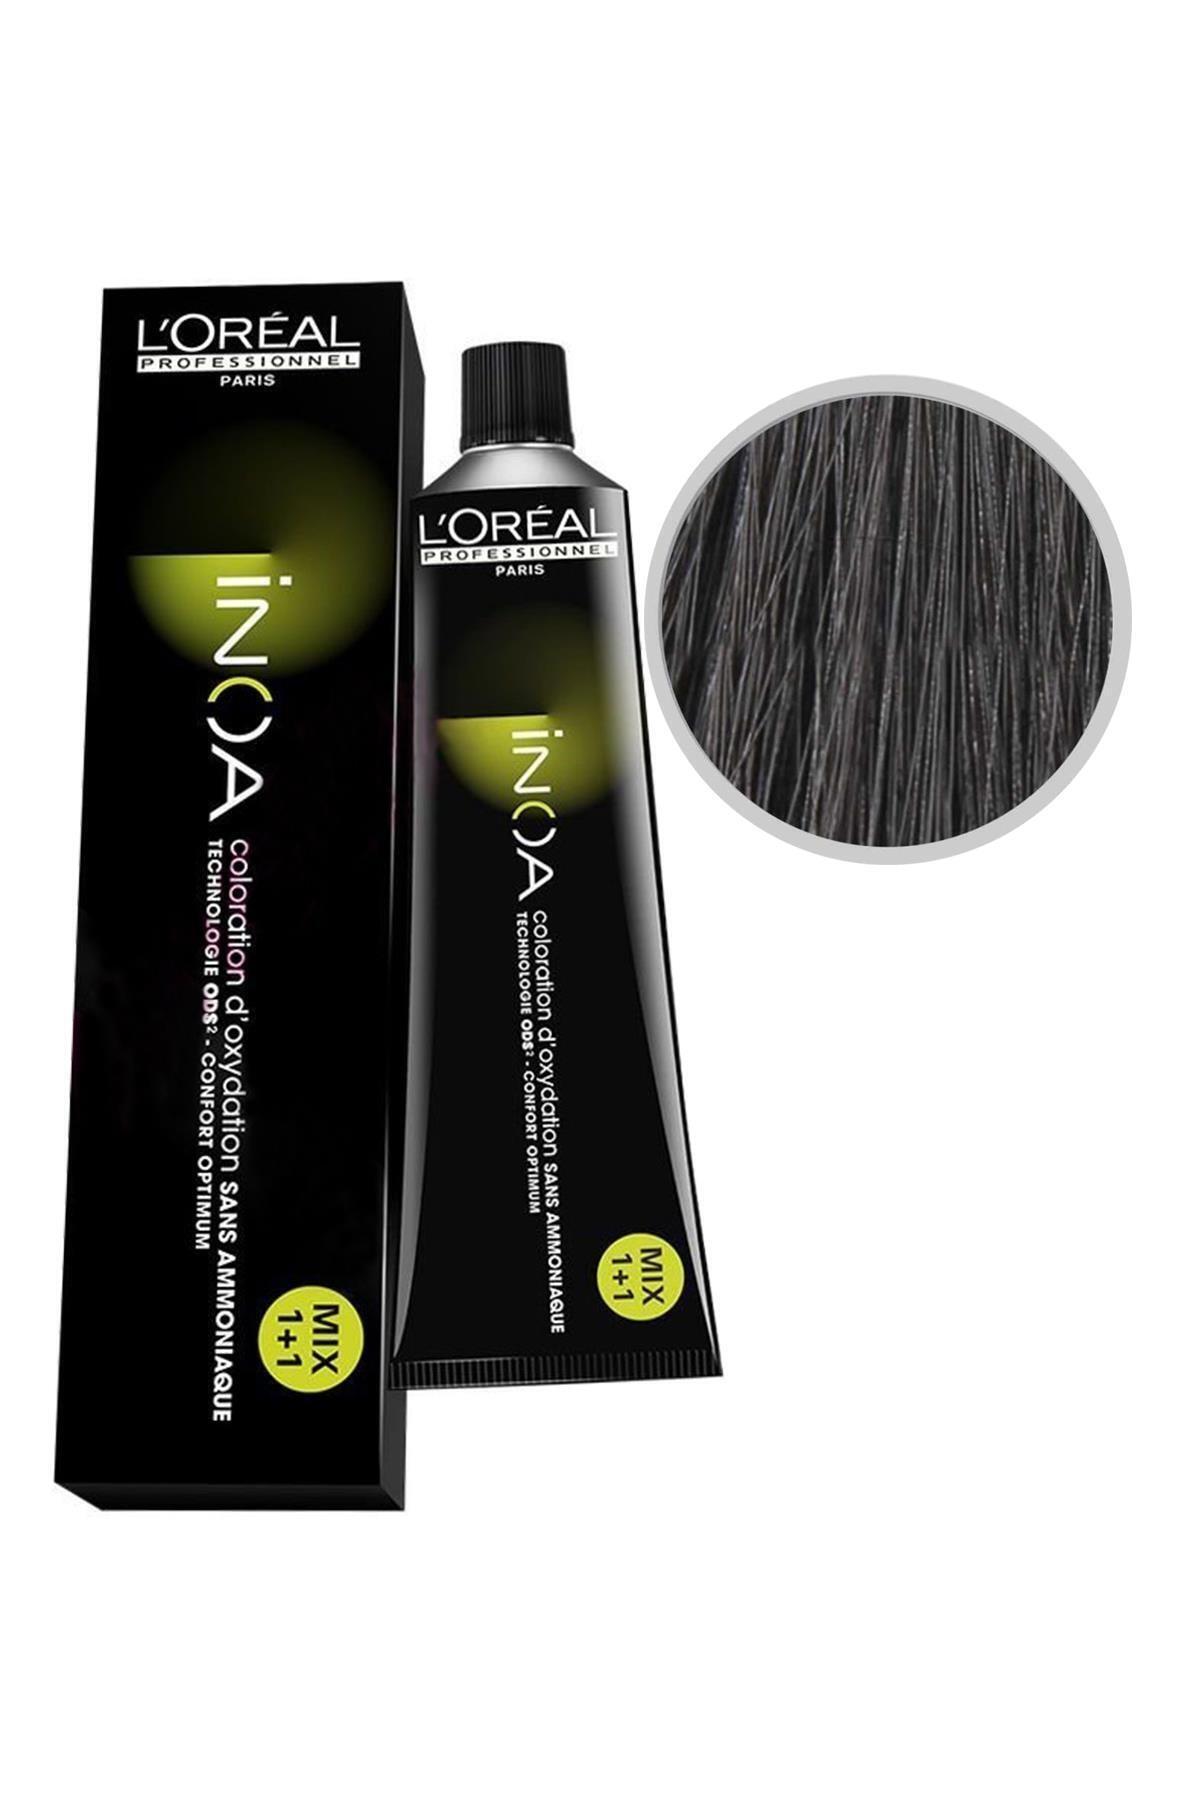 L'oreal Professionnel Saç Boyası 3 Koyu Kestane 3474630412644 (Oksidansız) 1